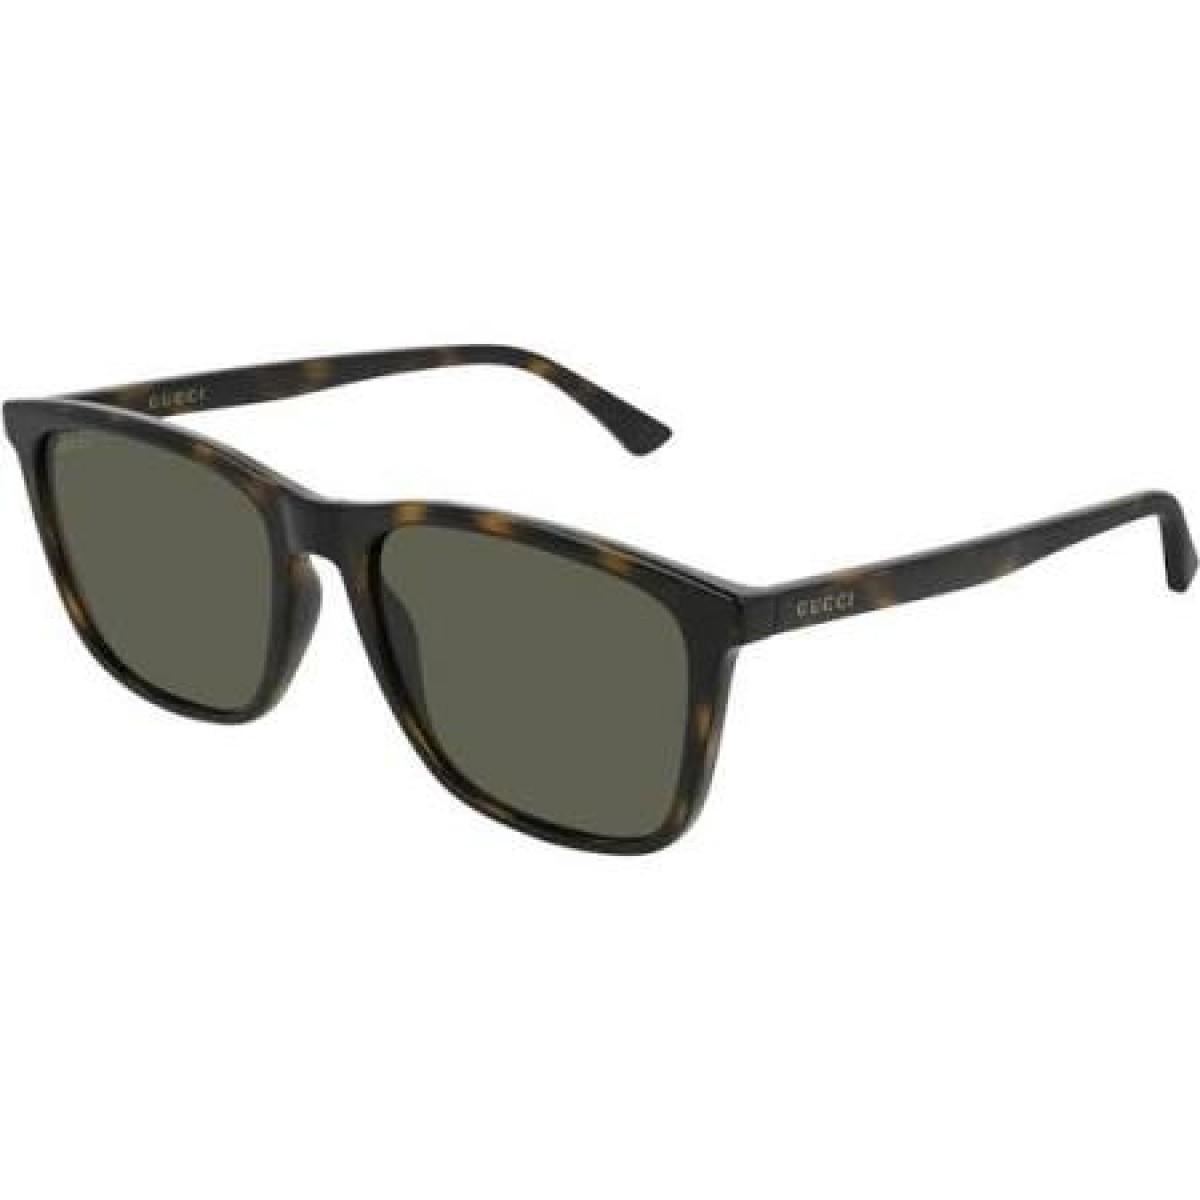 Gucci GG0404S 003 havana-green 55, 207,00€, Occhiali Gucci Marrone a forma Rettangolare